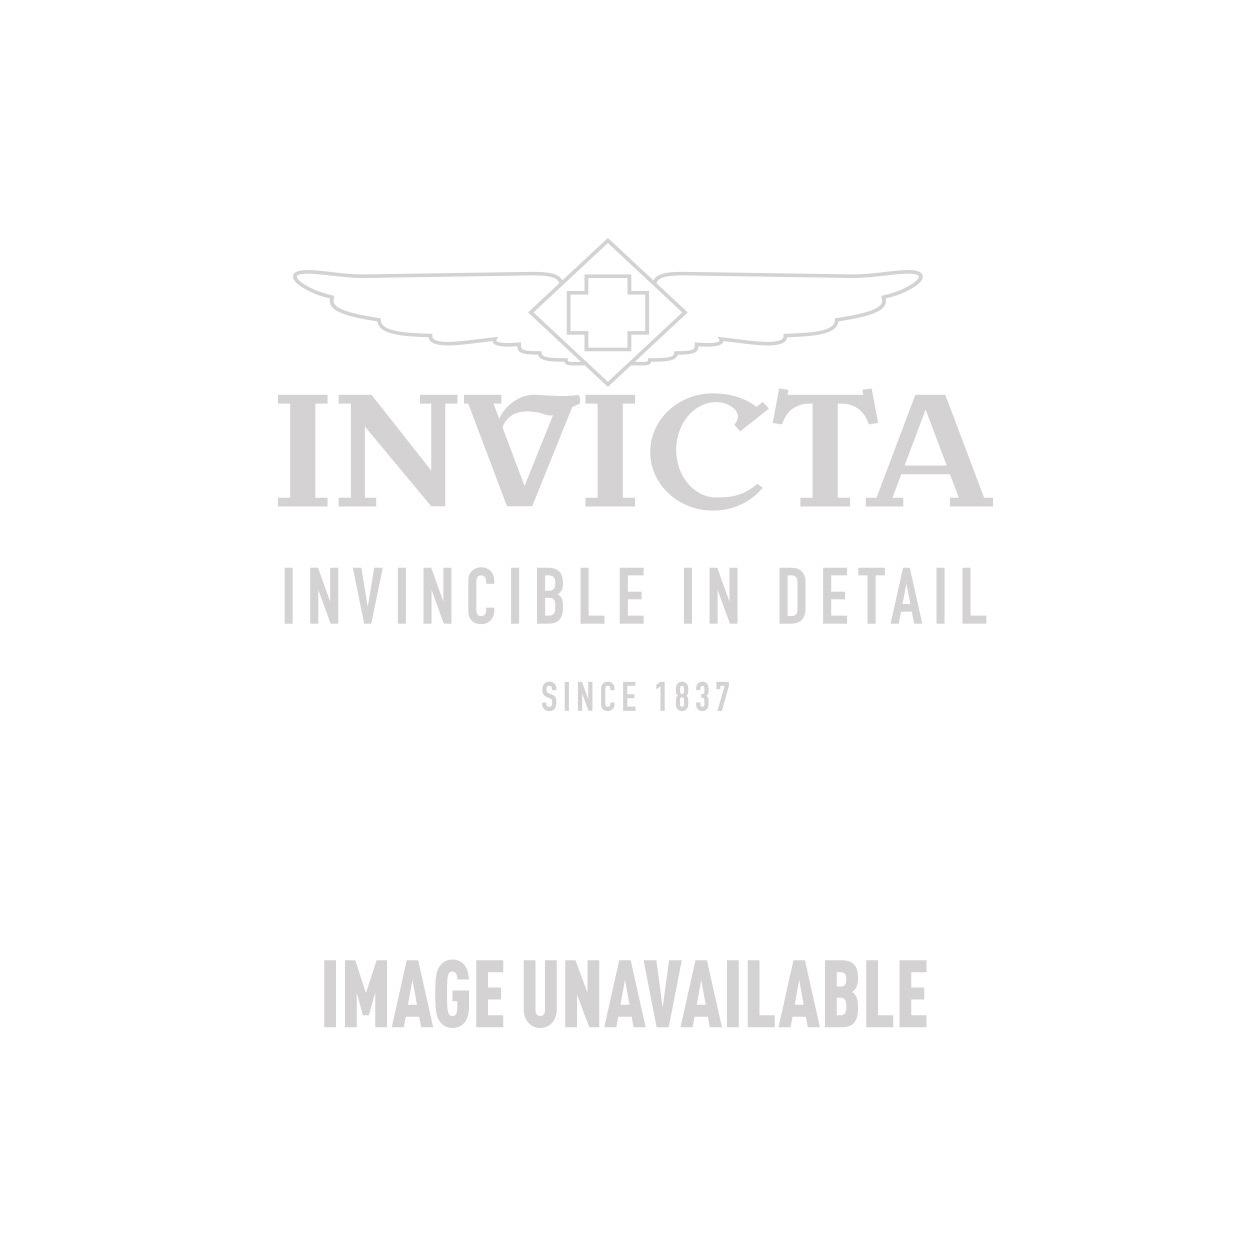 Invicta Model 27511